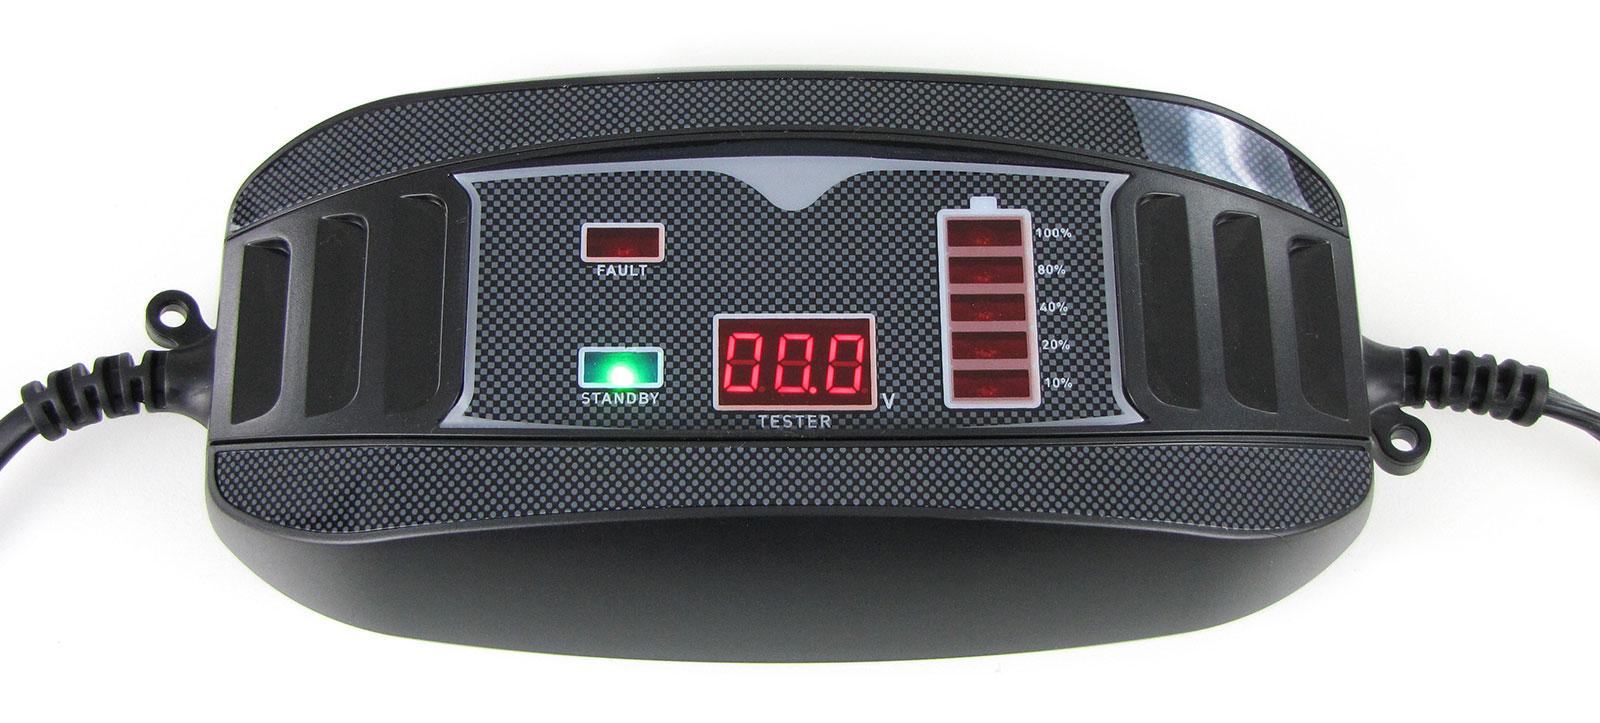 batterie ladeger t erhaltung f r pkw motorrad boot 6 volt. Black Bedroom Furniture Sets. Home Design Ideas